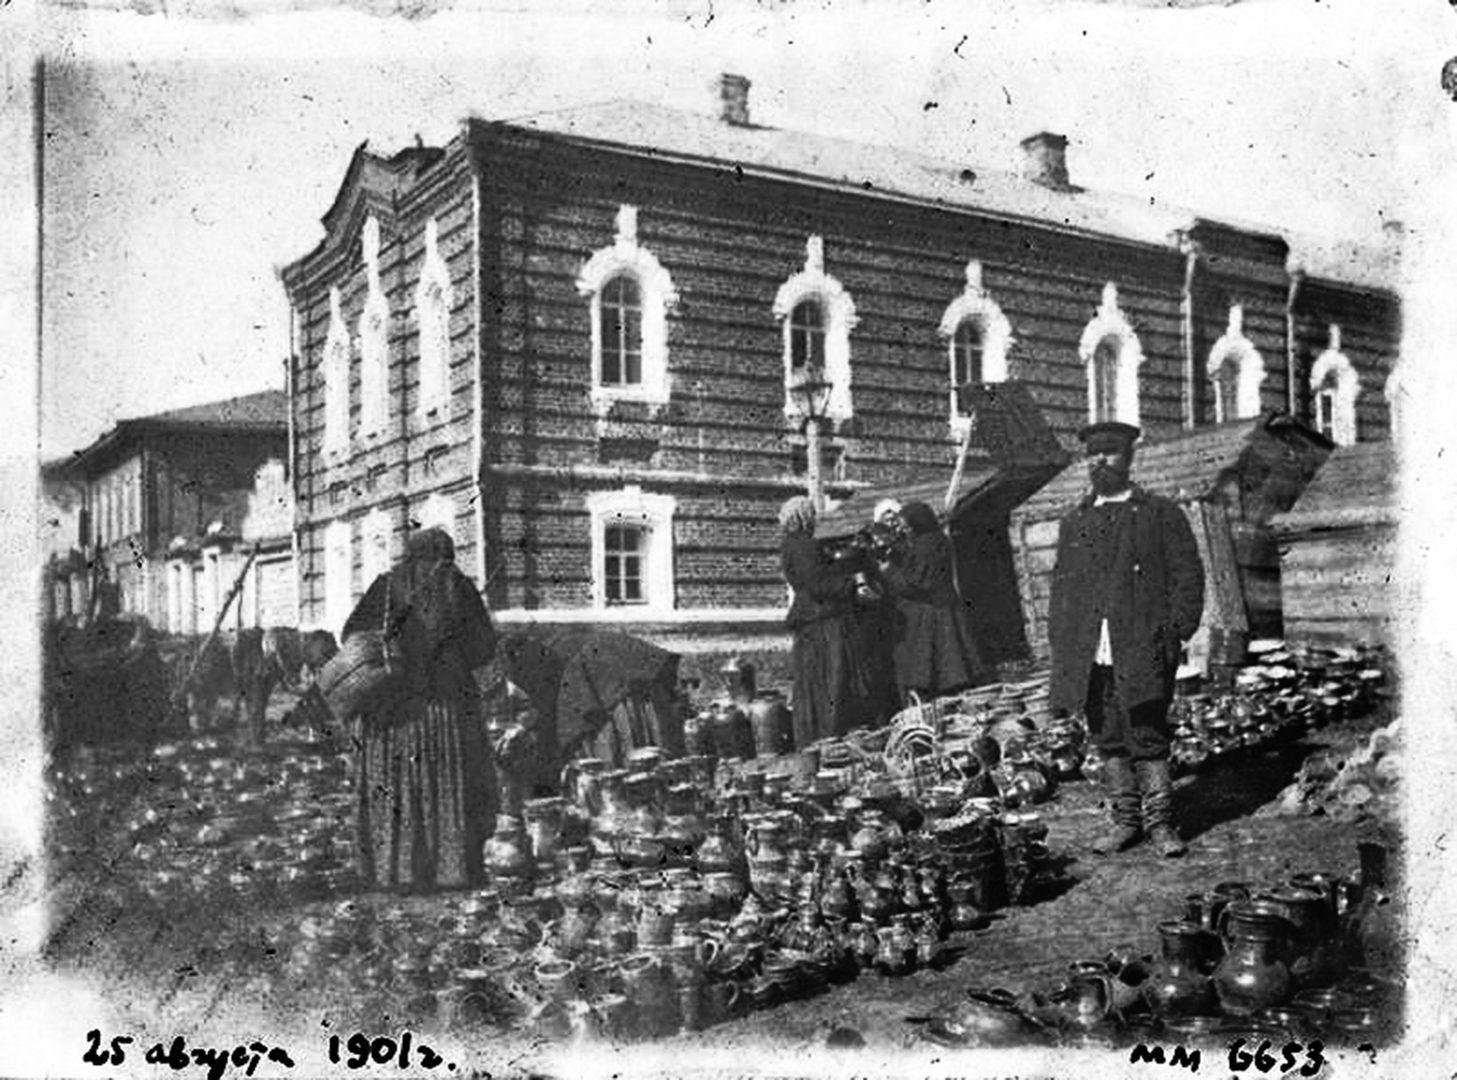 Горшечники у стен Троицкого монастыря. 1901